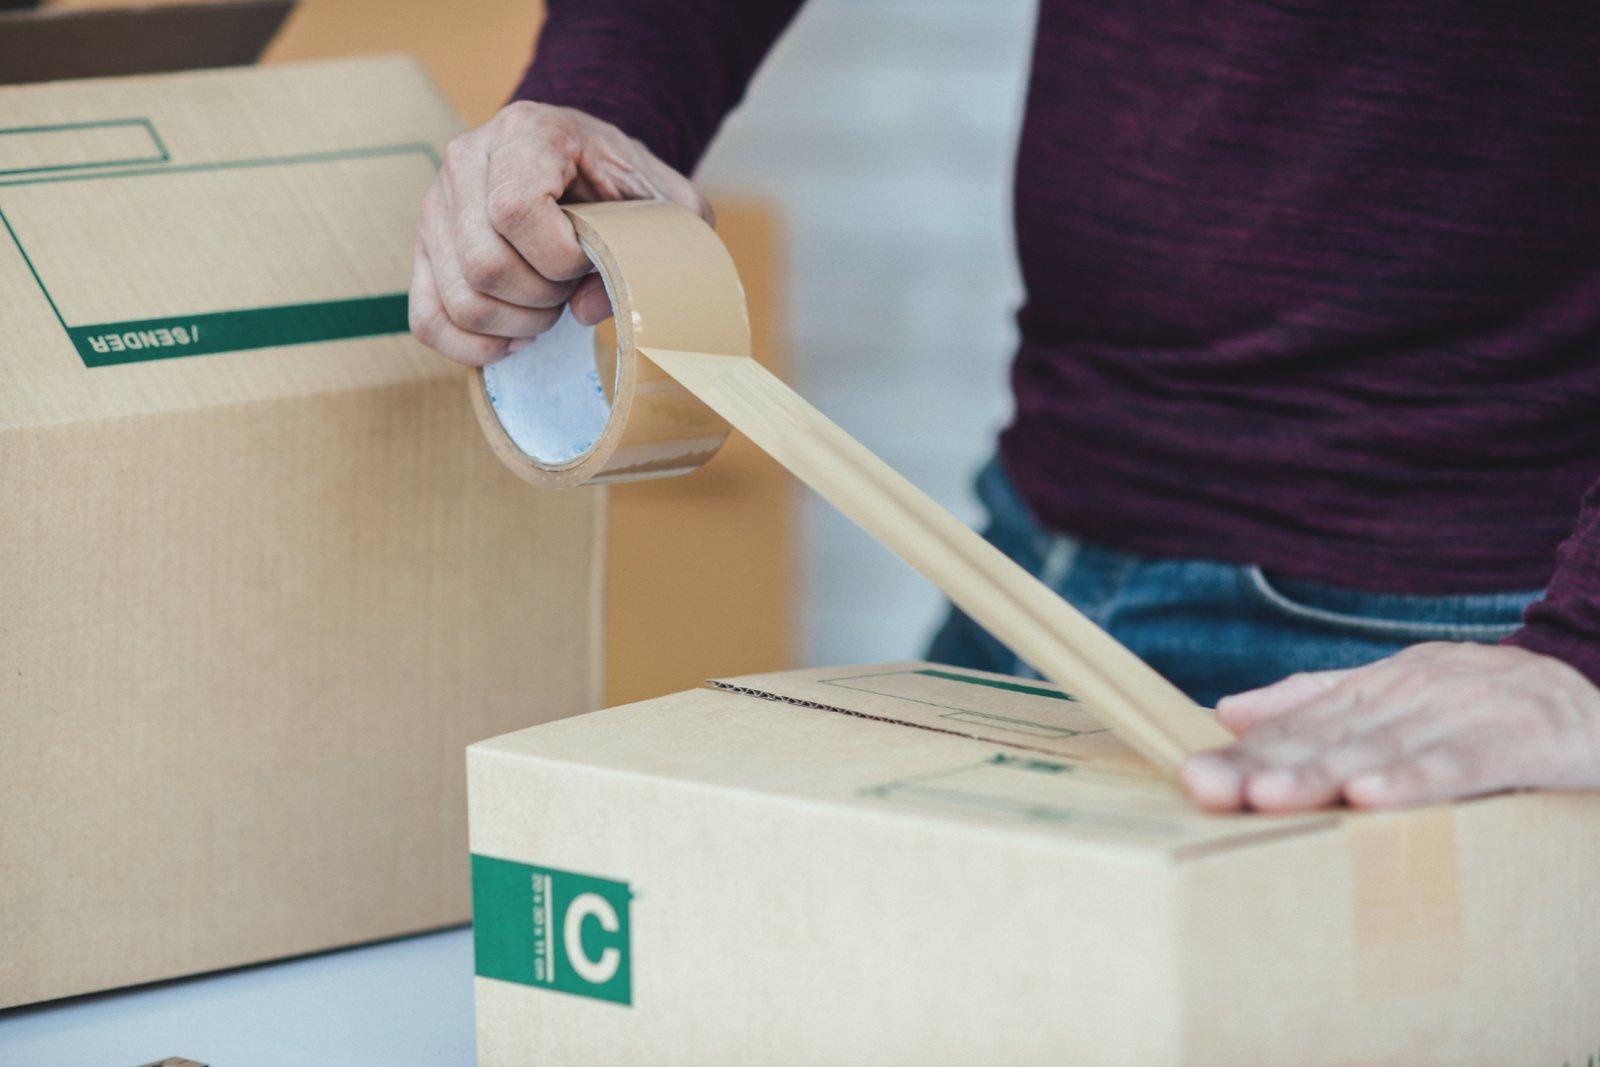 Kartoninės dėžės – idealus pasirinkimas pakavimo pramonėje